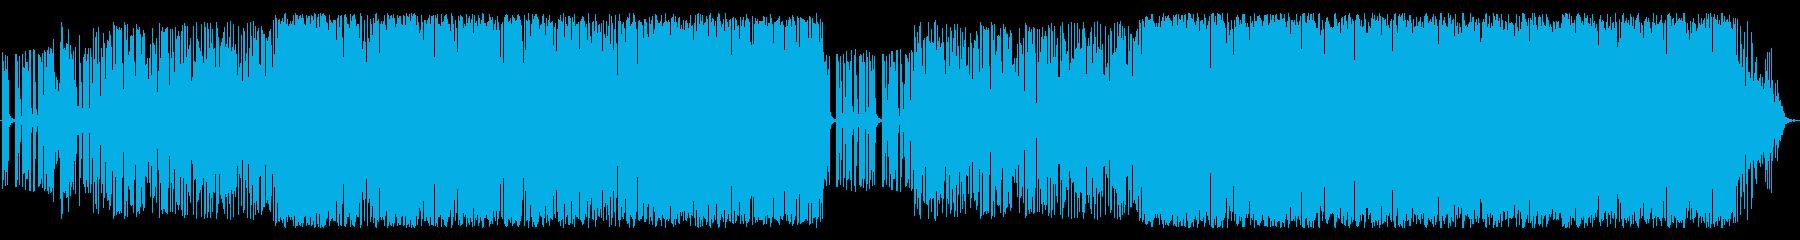 アコギが印象的な爽やかでお洒落なBGMの再生済みの波形